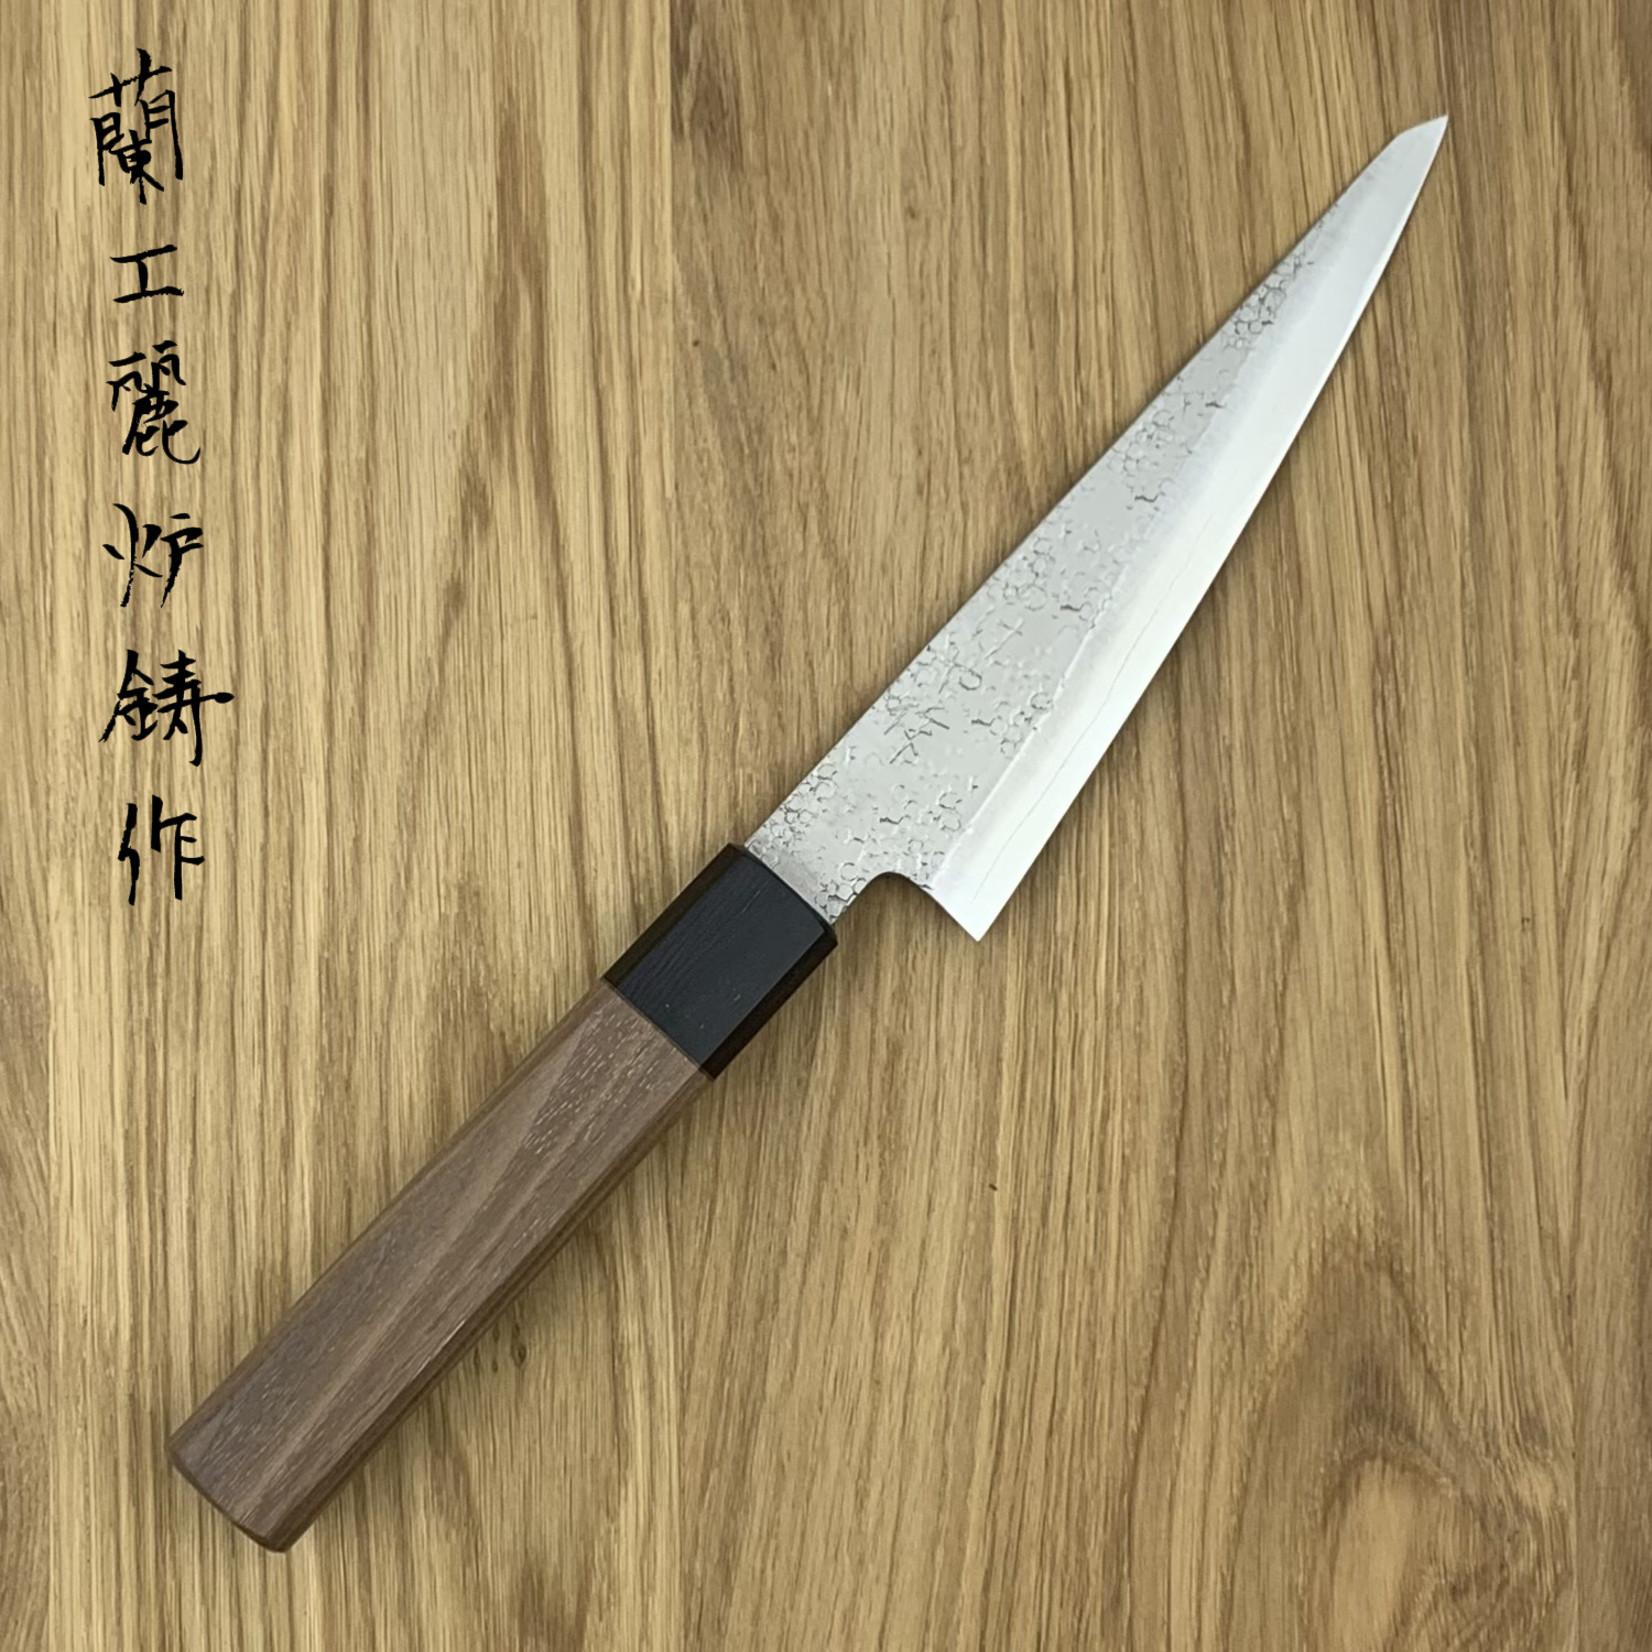 OKEYA GIN3 Tsuchime Sabaki 150mm OS-G3T-SB150